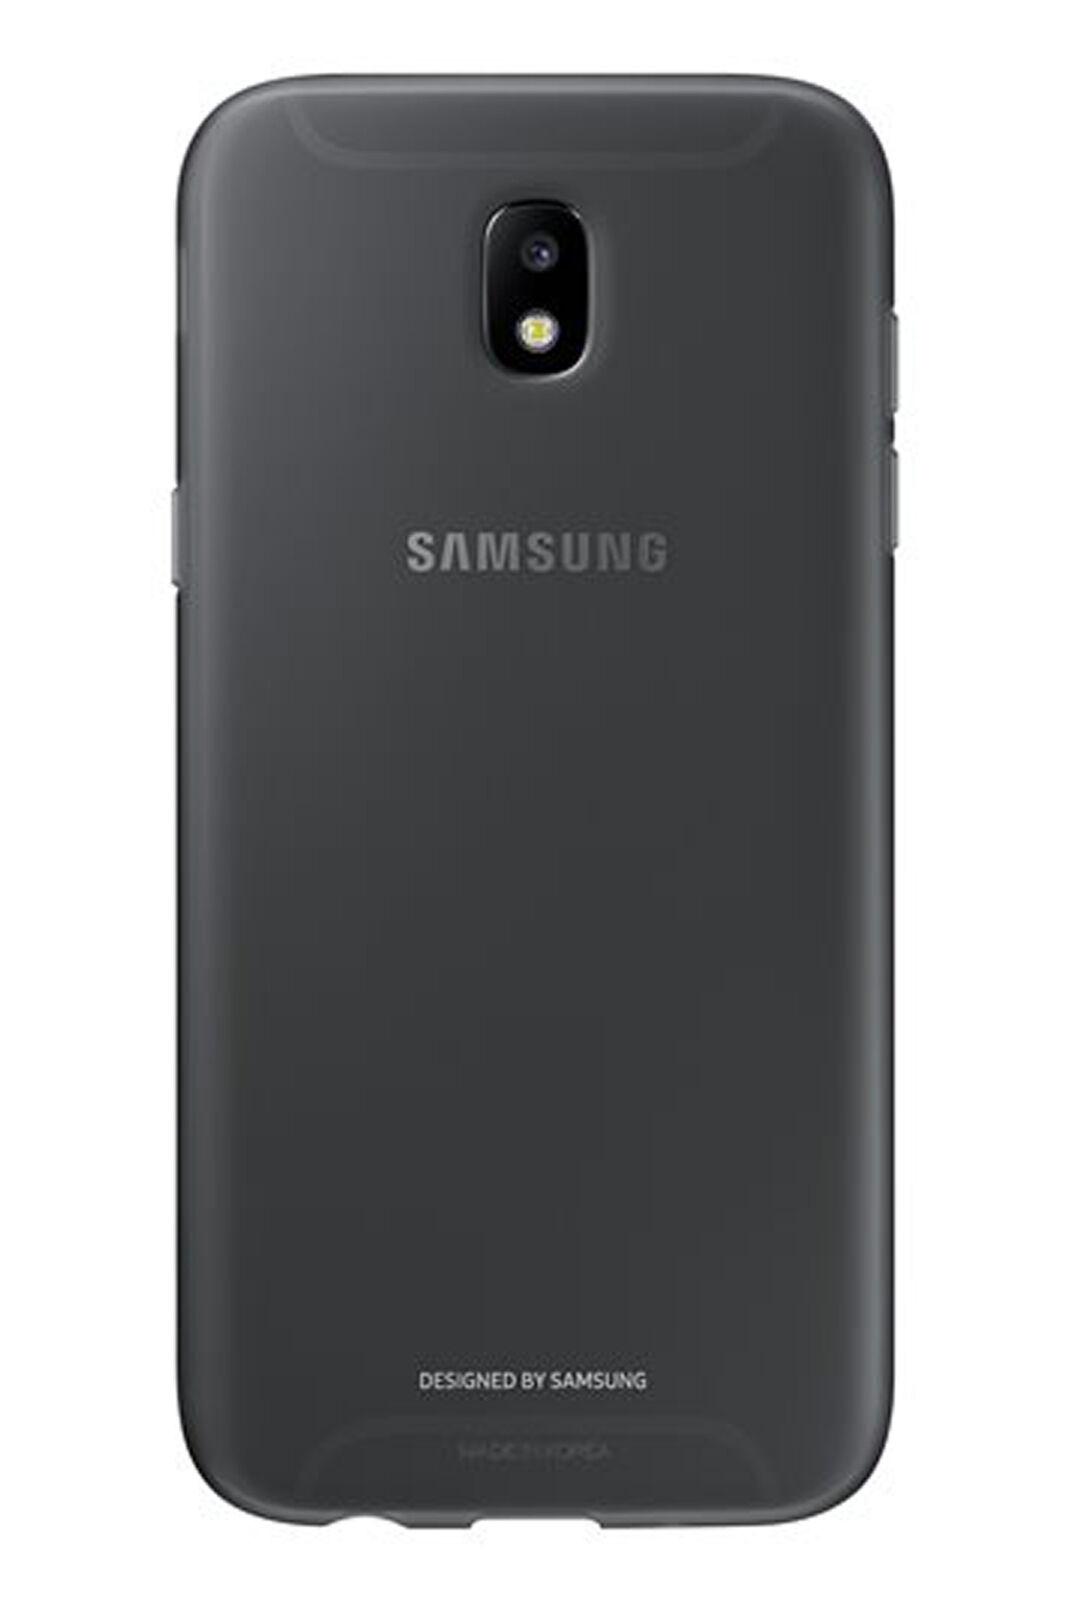 Samsung Official Jelly Cover -  Ημιδιαφανή Θήκη Σιλικόνης Samsung Galaxy J5 2017 - Black (EF-AJ530TBEGWW)